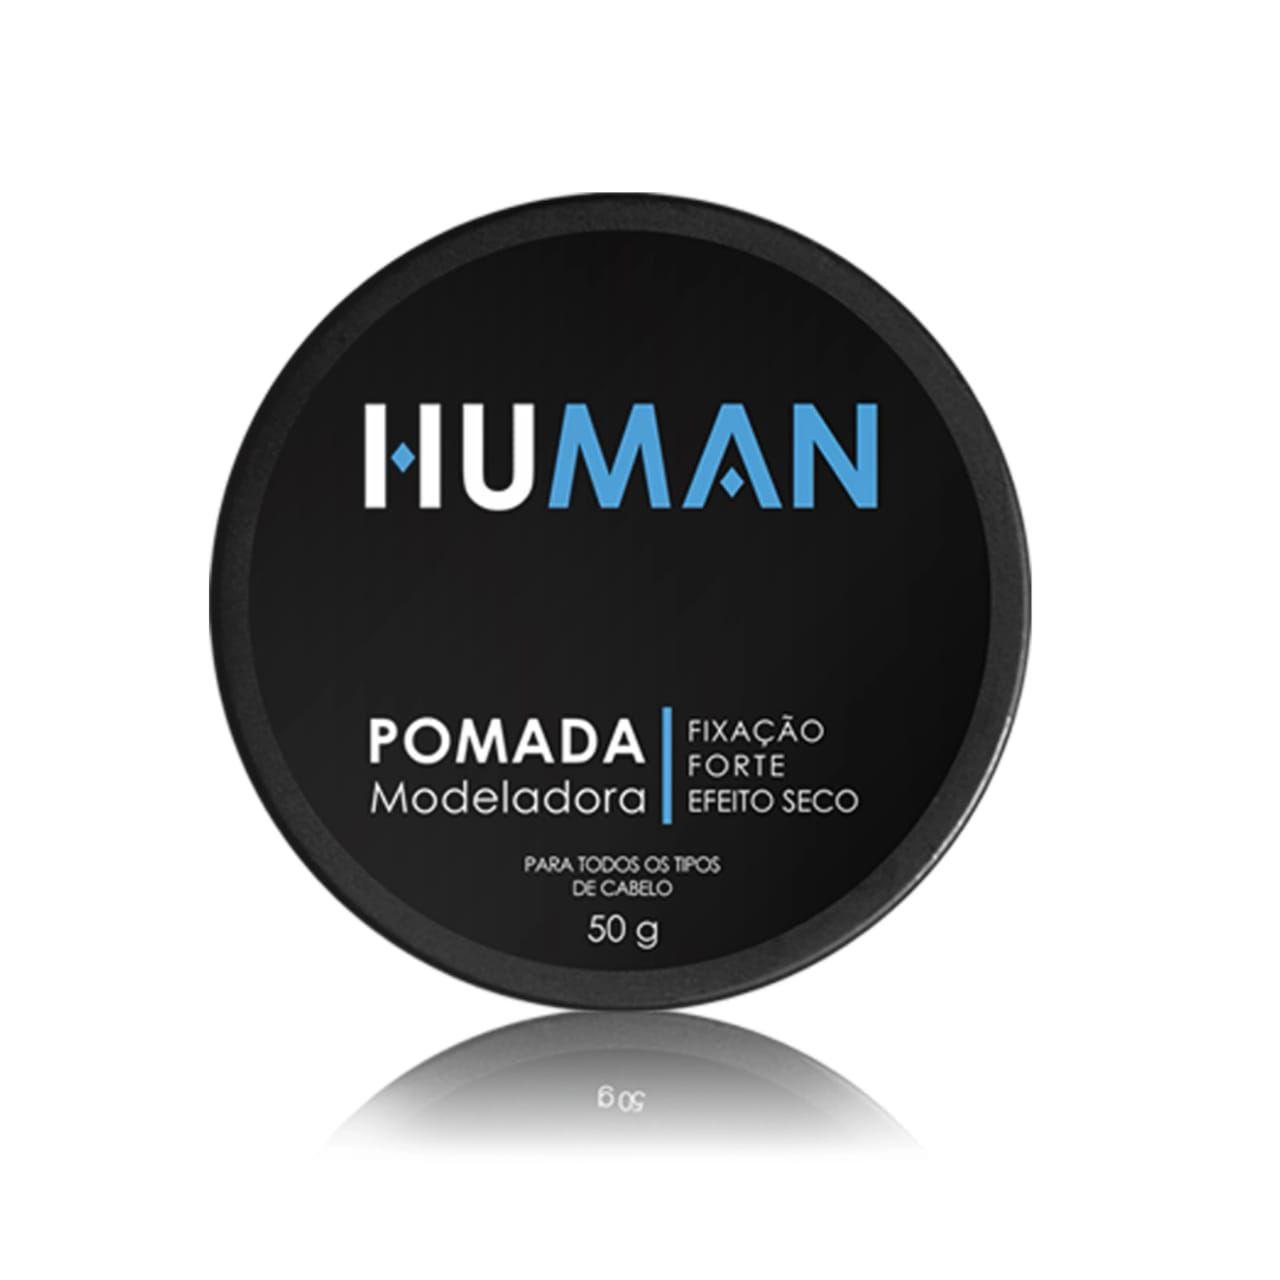 Pomada Modeladora Forte Efeito Seco Human 50g